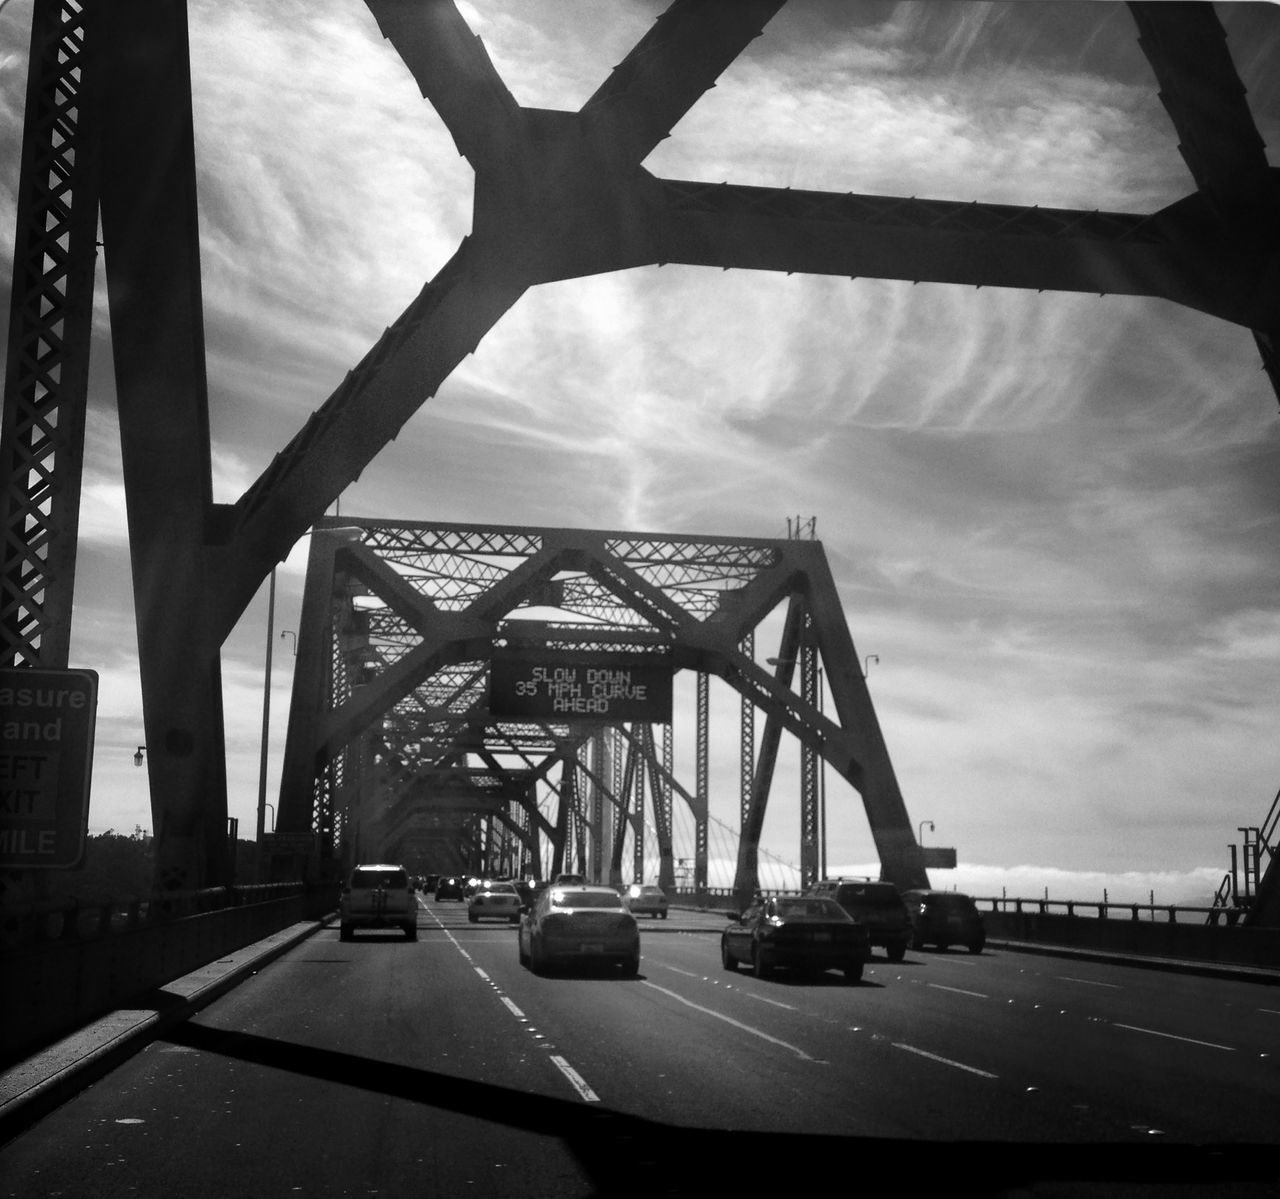 Cars on bridge against cloudy sky